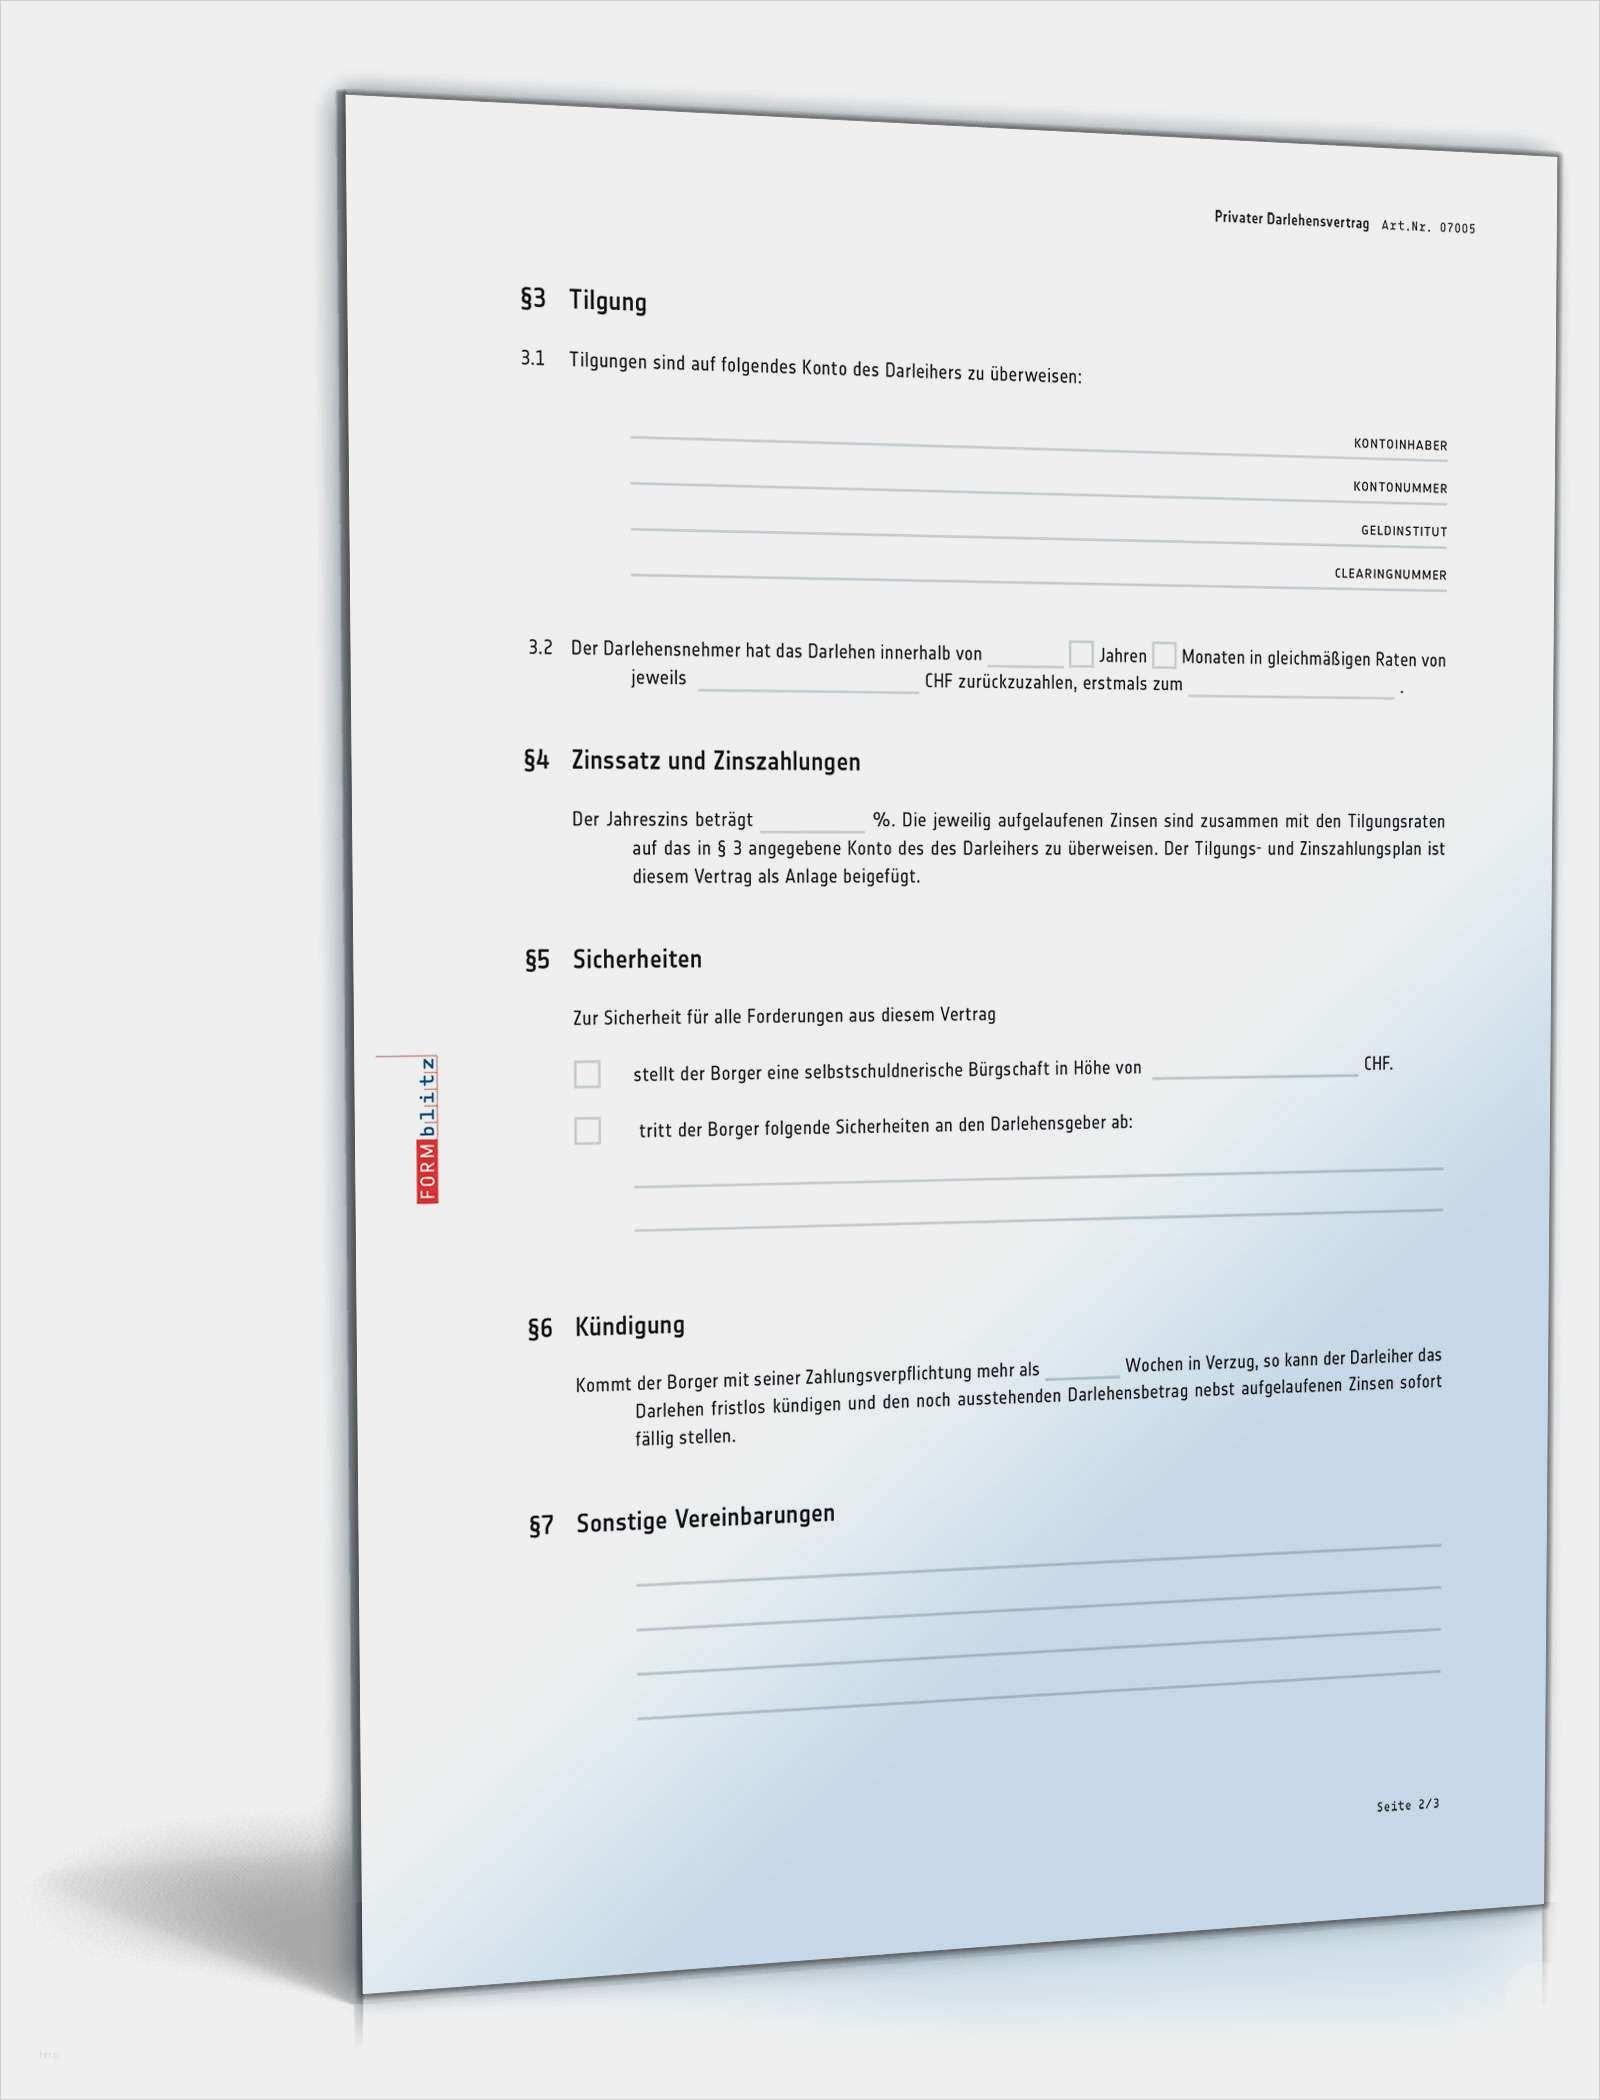 35 Beste Vorlage Privater Darlehensvertrag Vorrate In 2020 Vorlagen Word Vorlagen Geschaftsbrief Vorlage